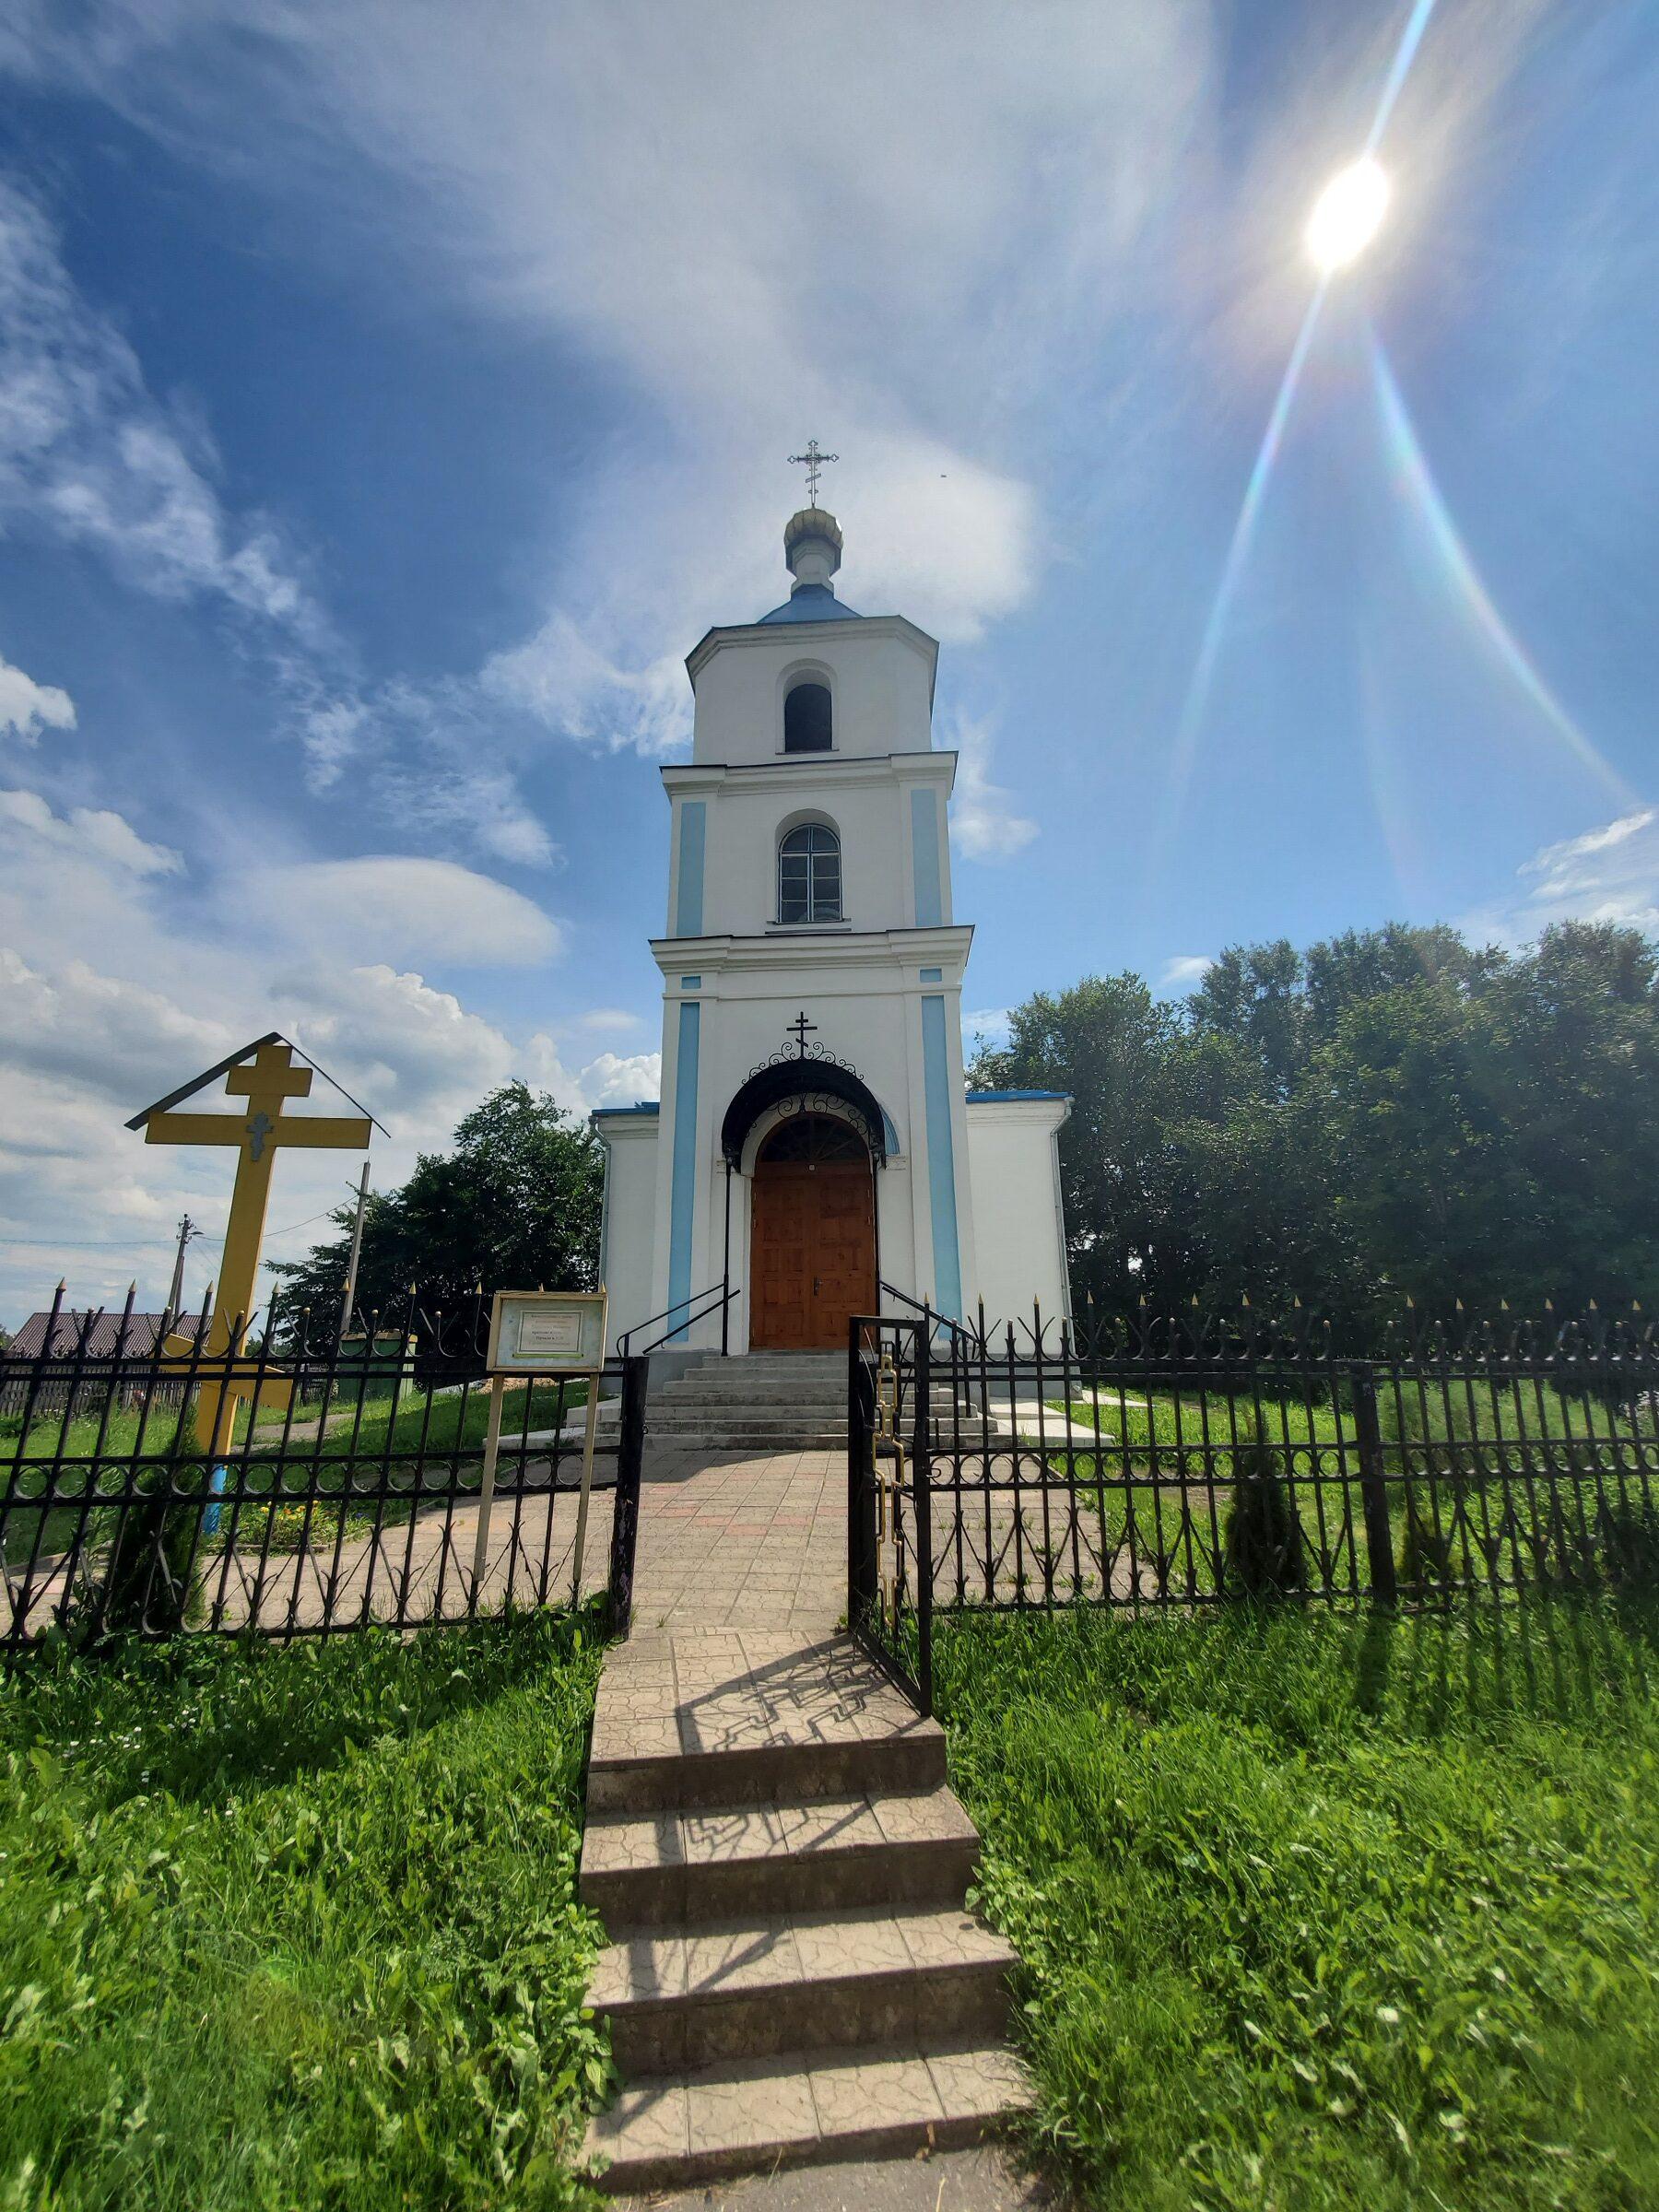 20200705 143403 rotated - Церковь Святой Параскевы Пятницы и усадьба Гребницких в Ореховно